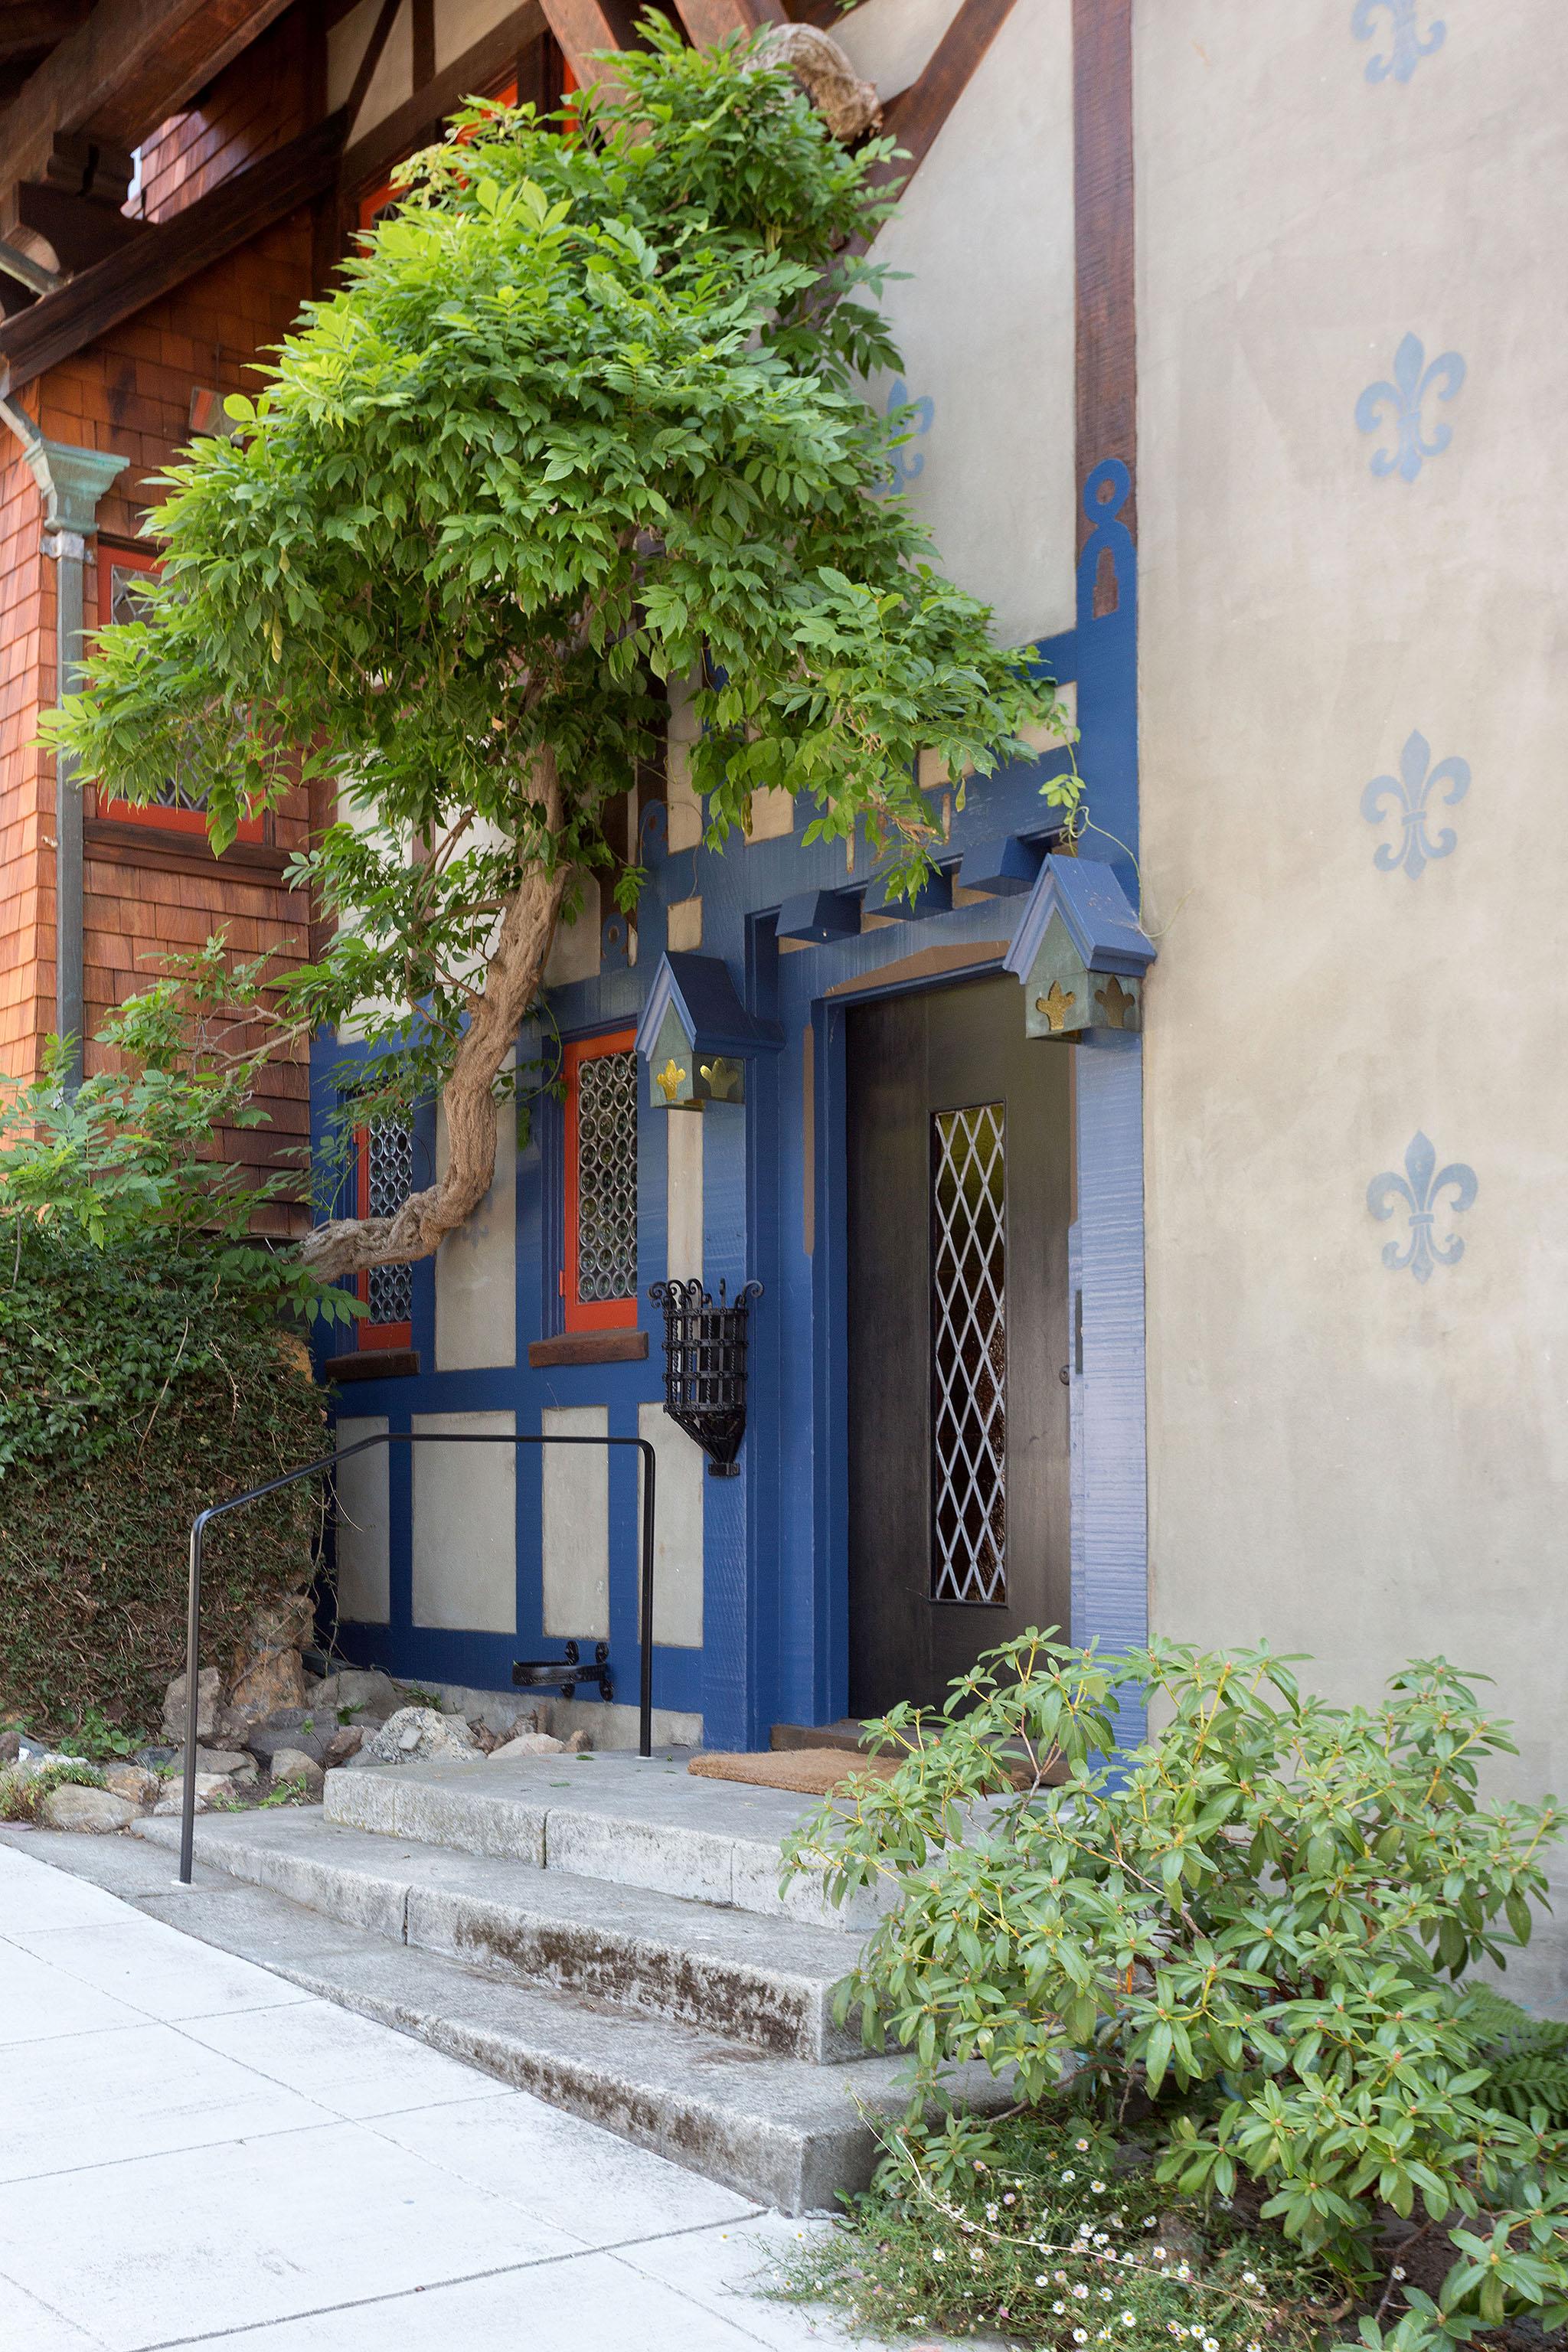 45 Front door.jpg